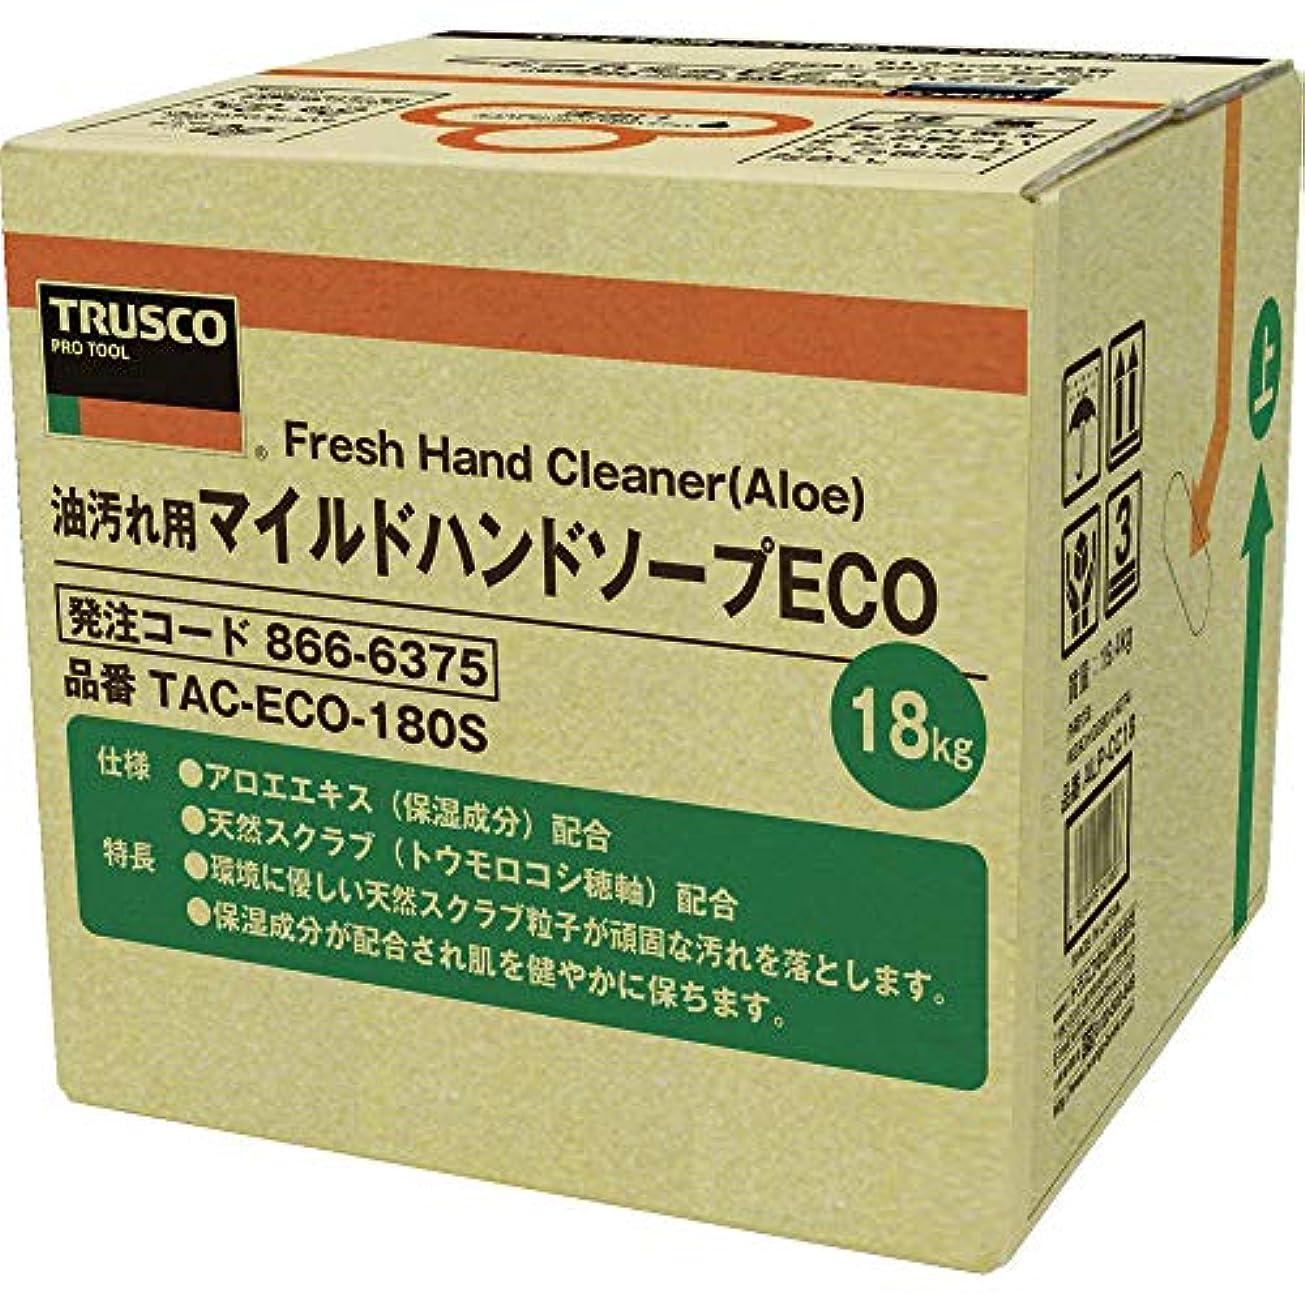 低いカフェテリアワイドTRUSCO(トラスコ) マイルドハンドソープ ECO 18L 詰替 バッグインボックス TACECO180S